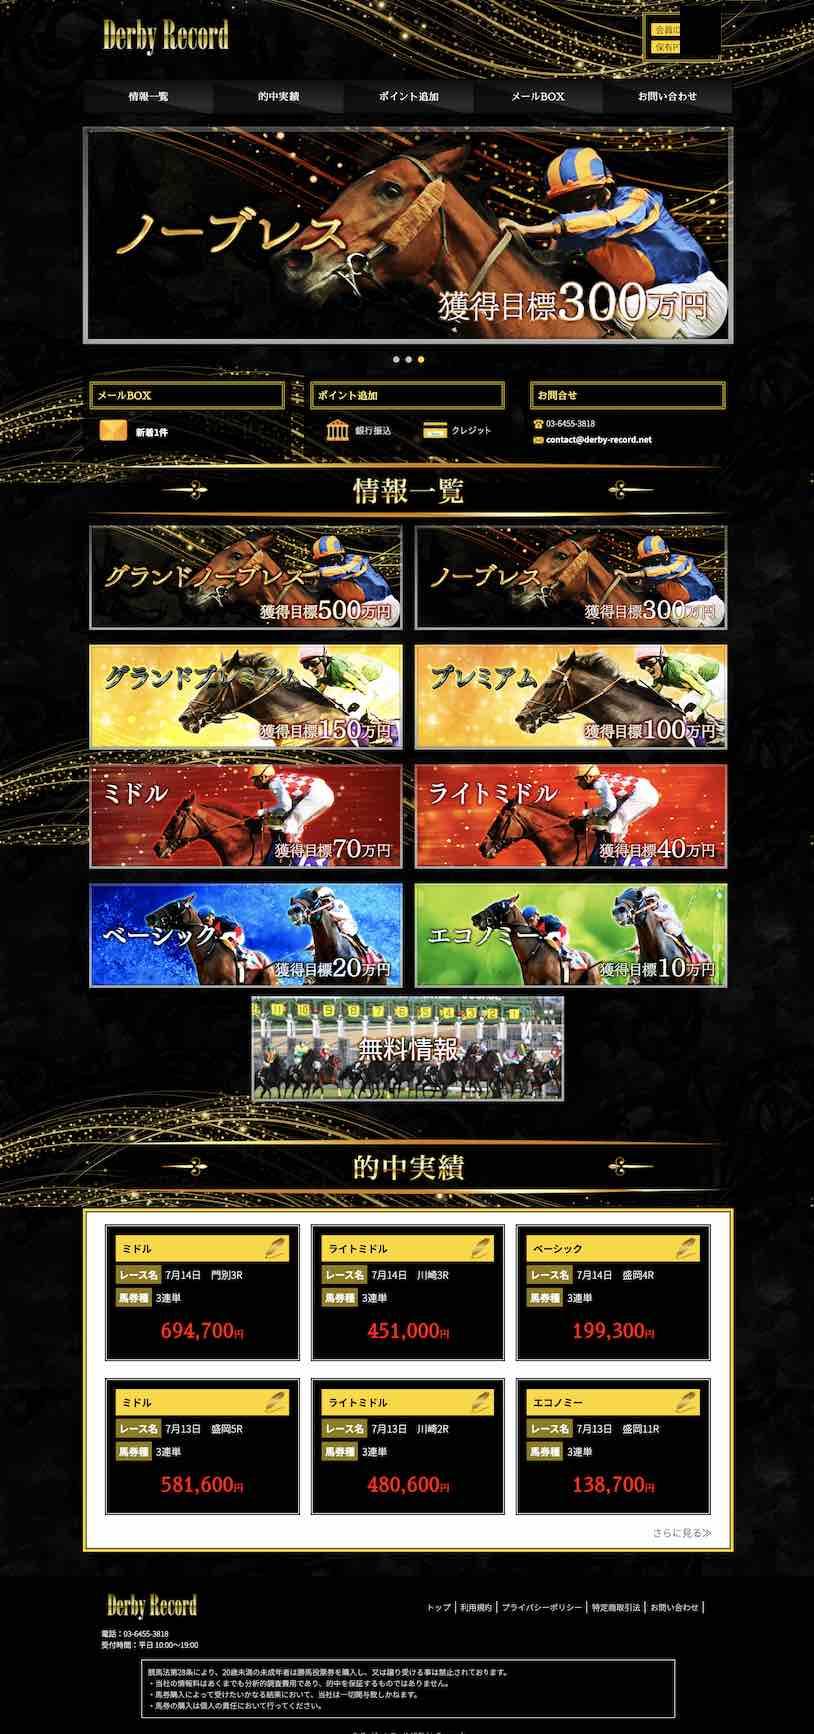 ダービーレコードという競馬予想サイトの会員ページ